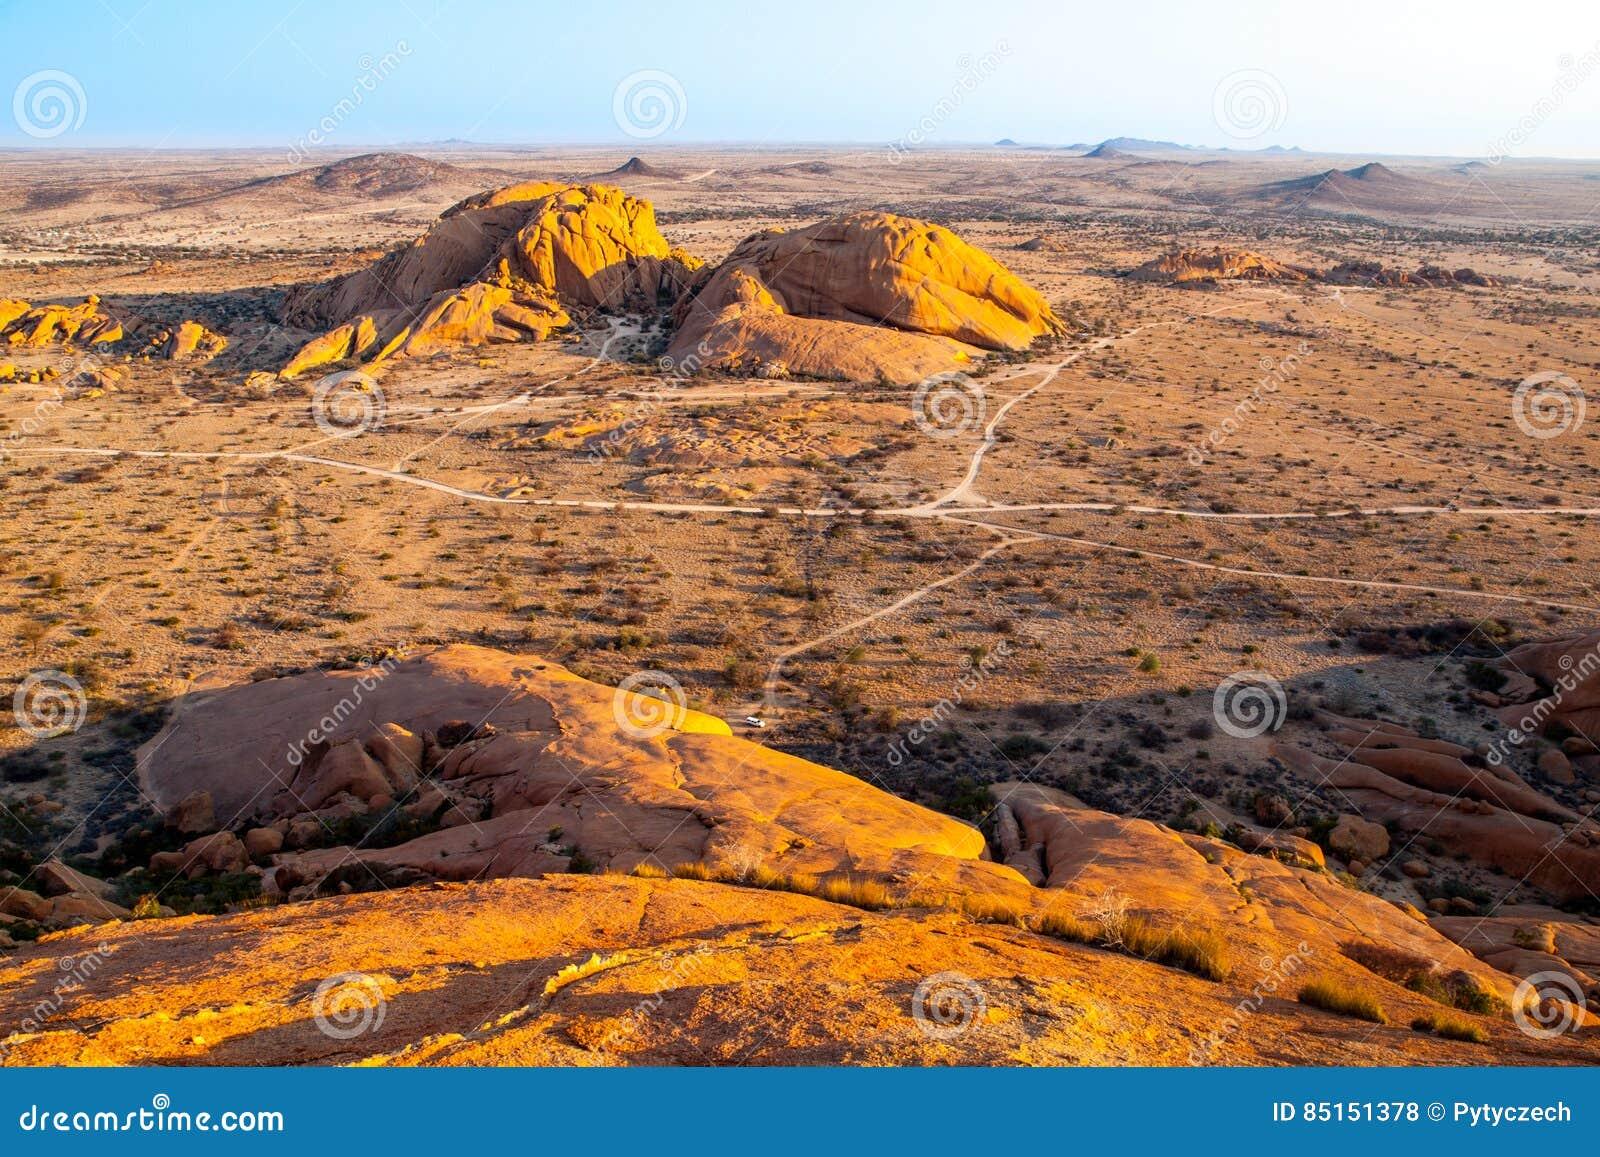 Ajardine em torno de Spitzkoppe, aka de Spitzkop, com formações de rocha maciças do granito, deserto de Namib, Namíbia, África